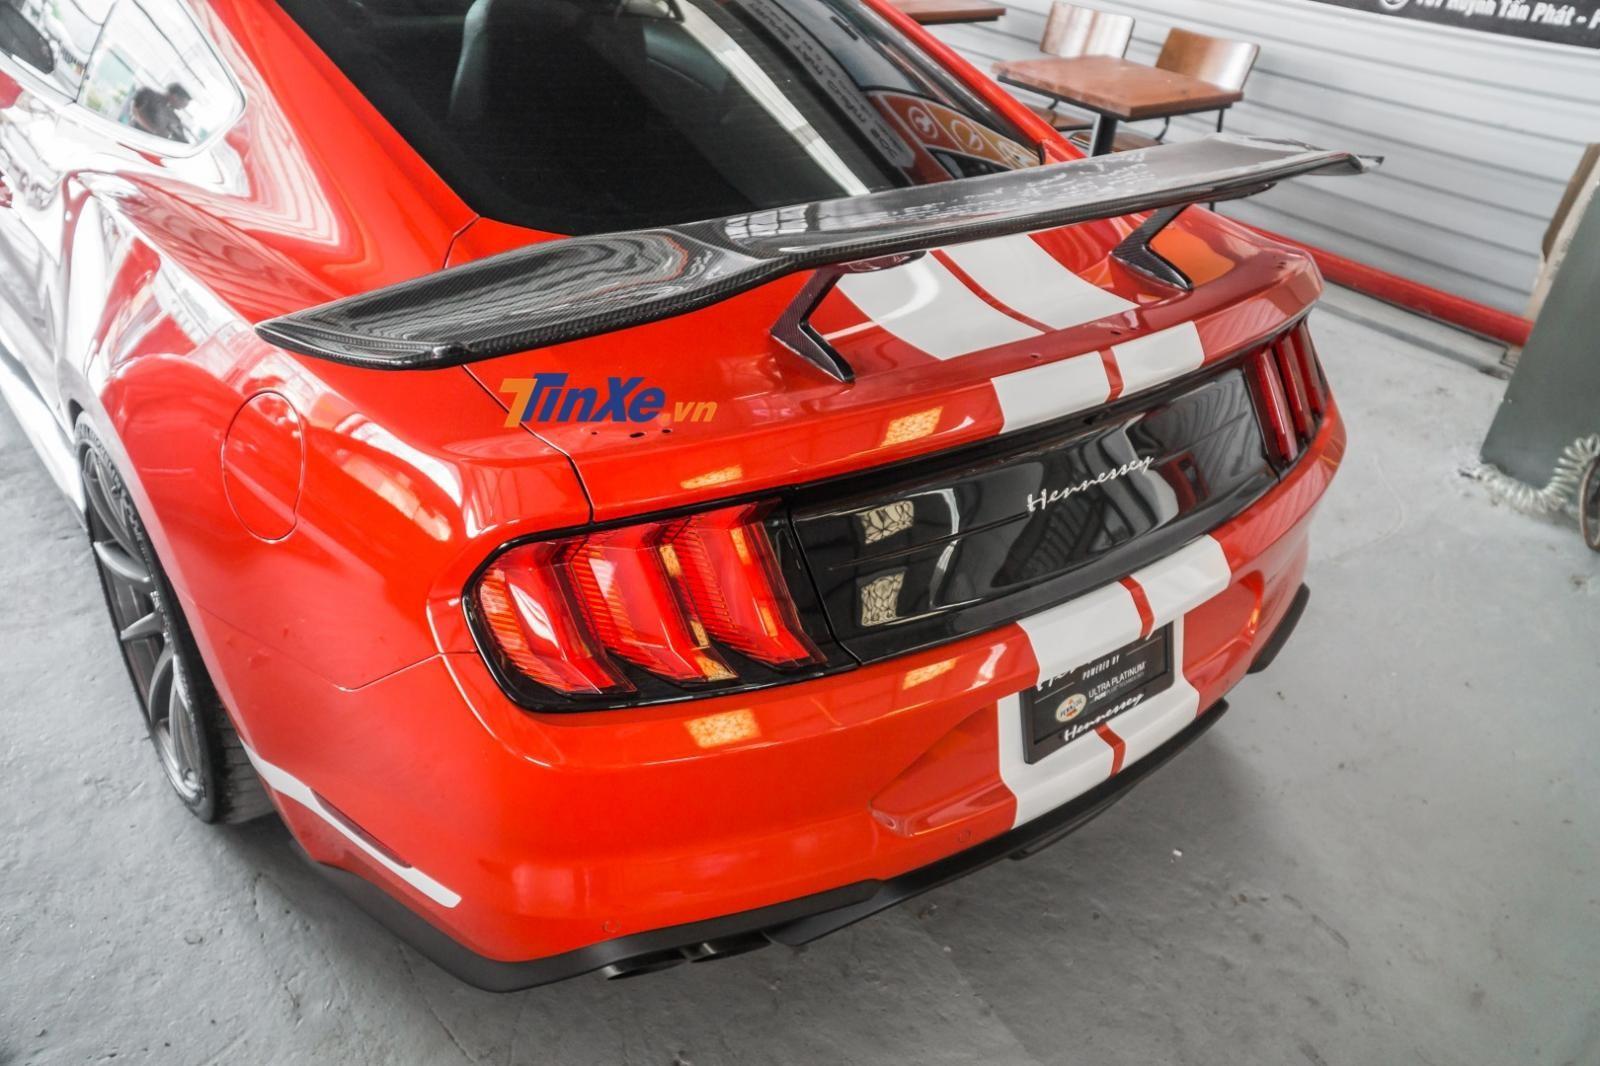 Cận cảnh cánh gió đuôi của Hennessey Heritage Edition Mustang tại Việt Nam